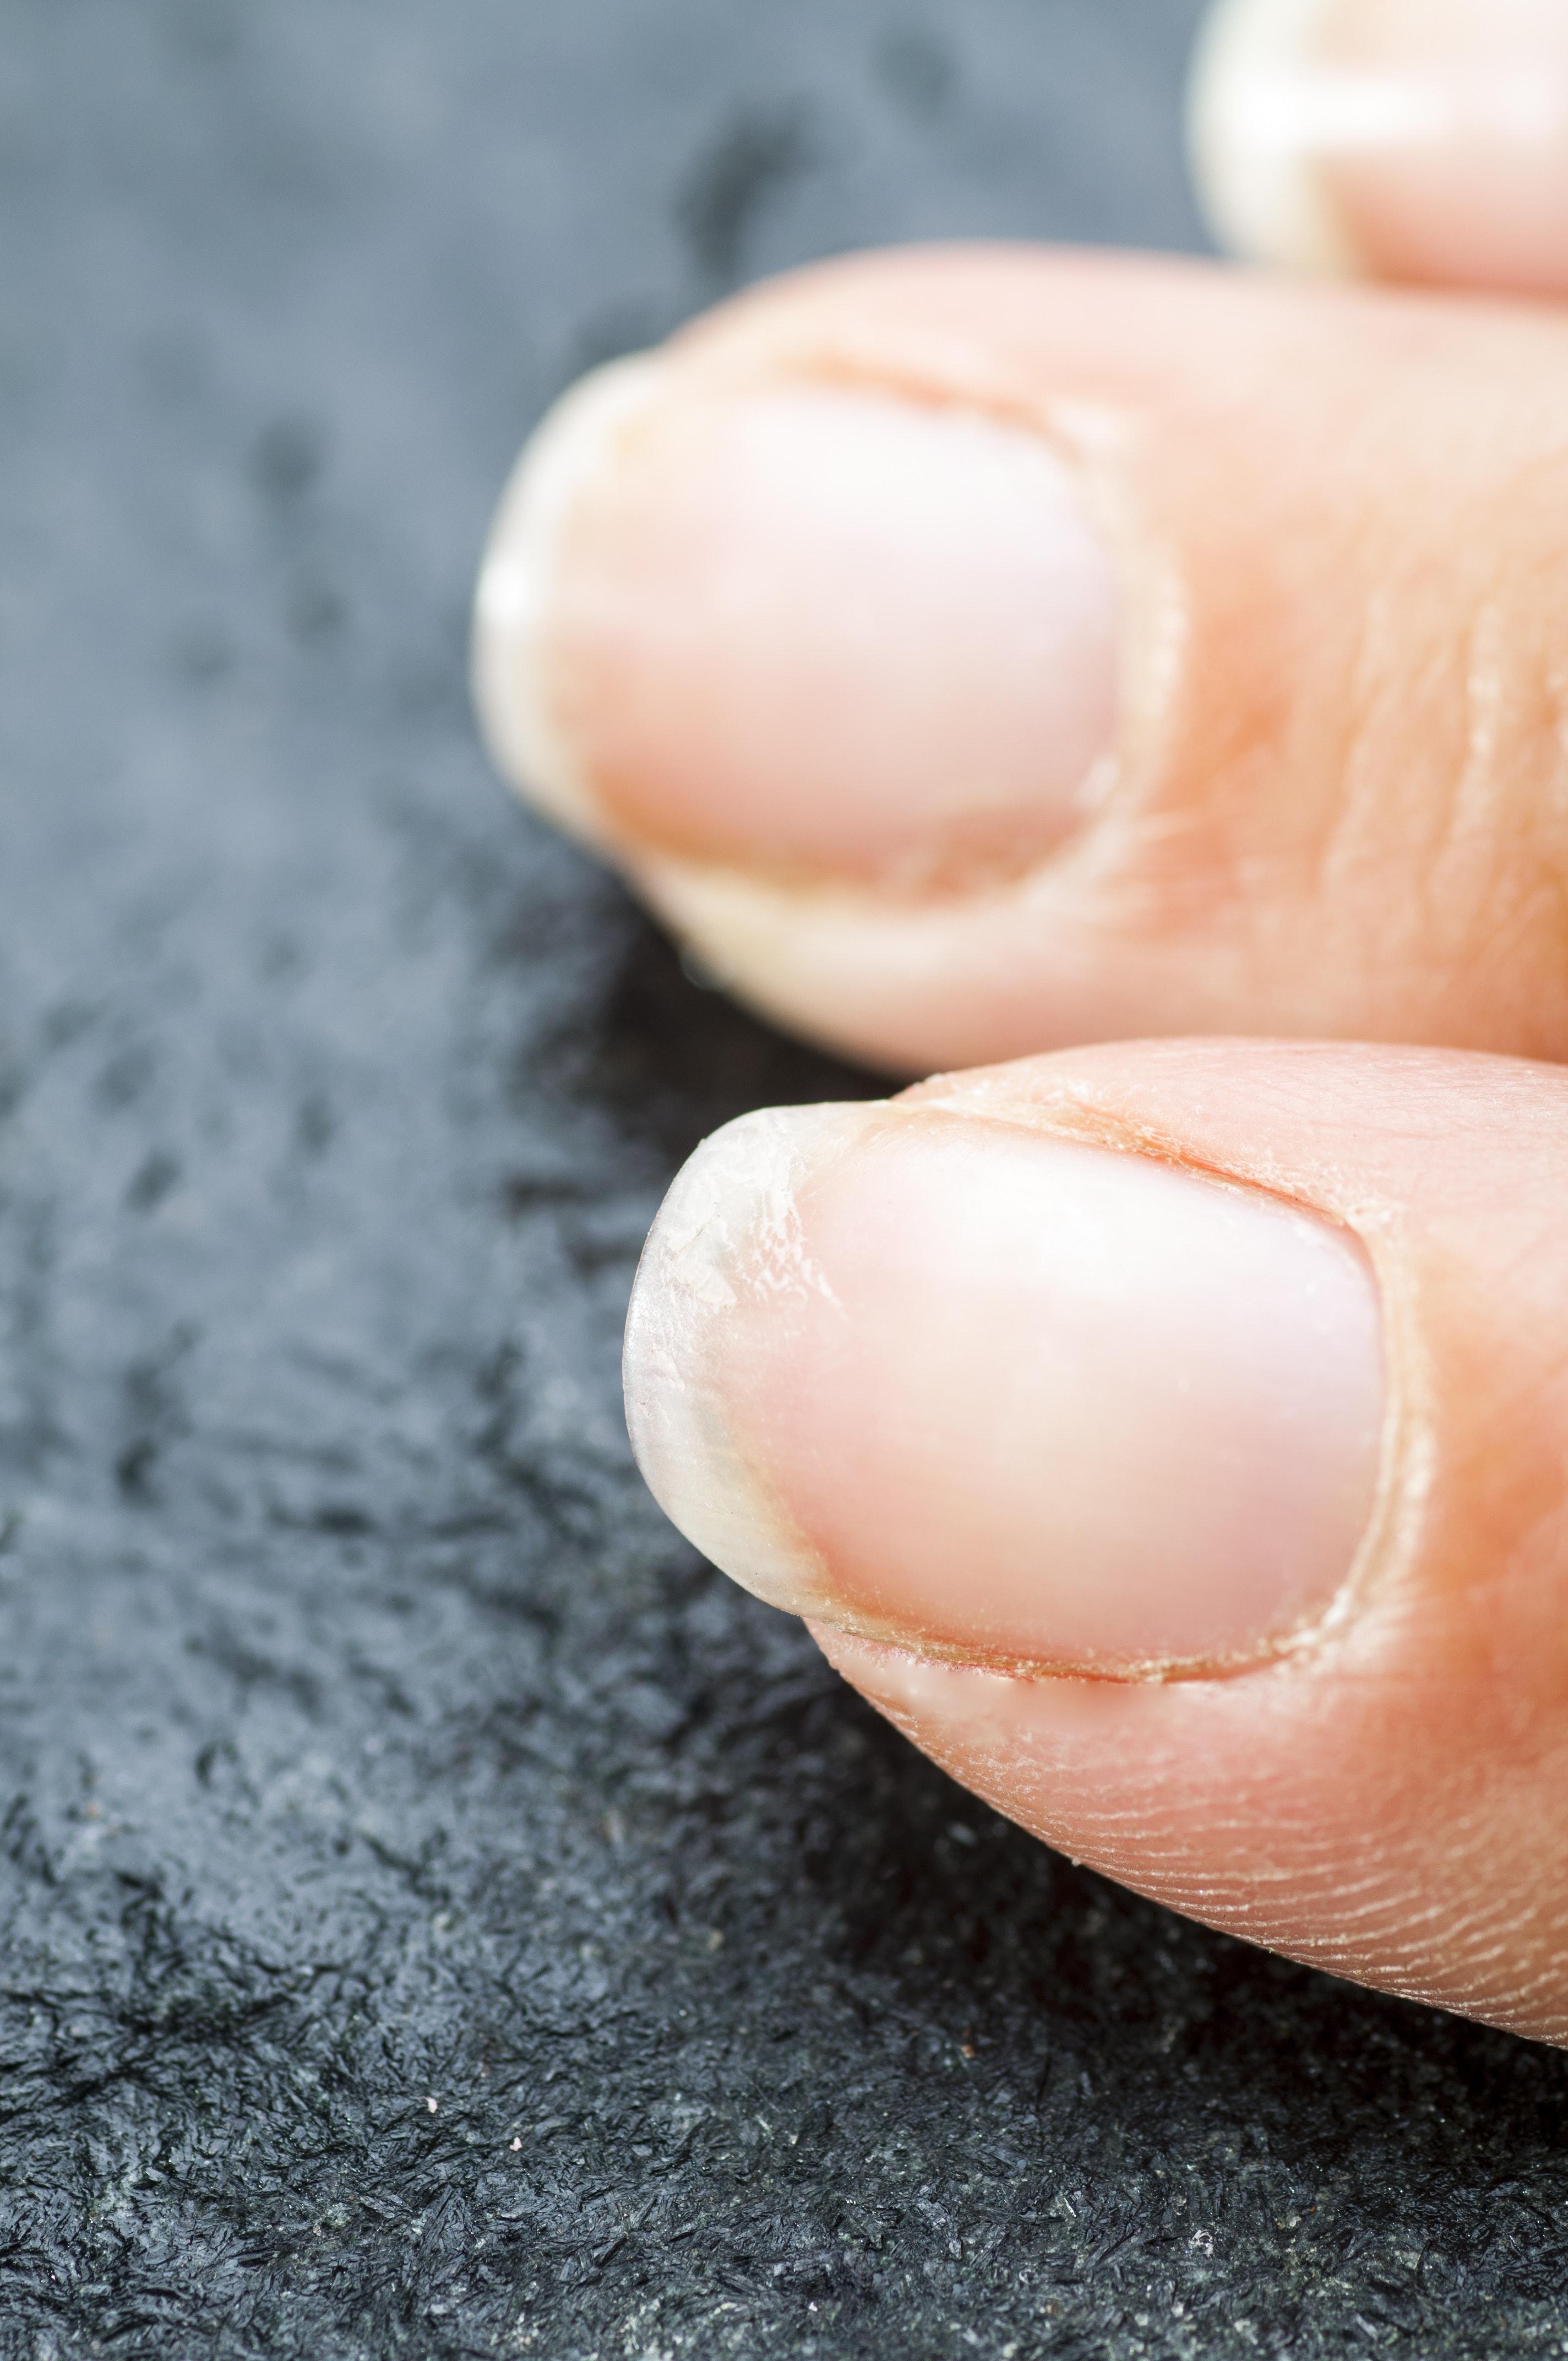 Brittle fingernails in winter